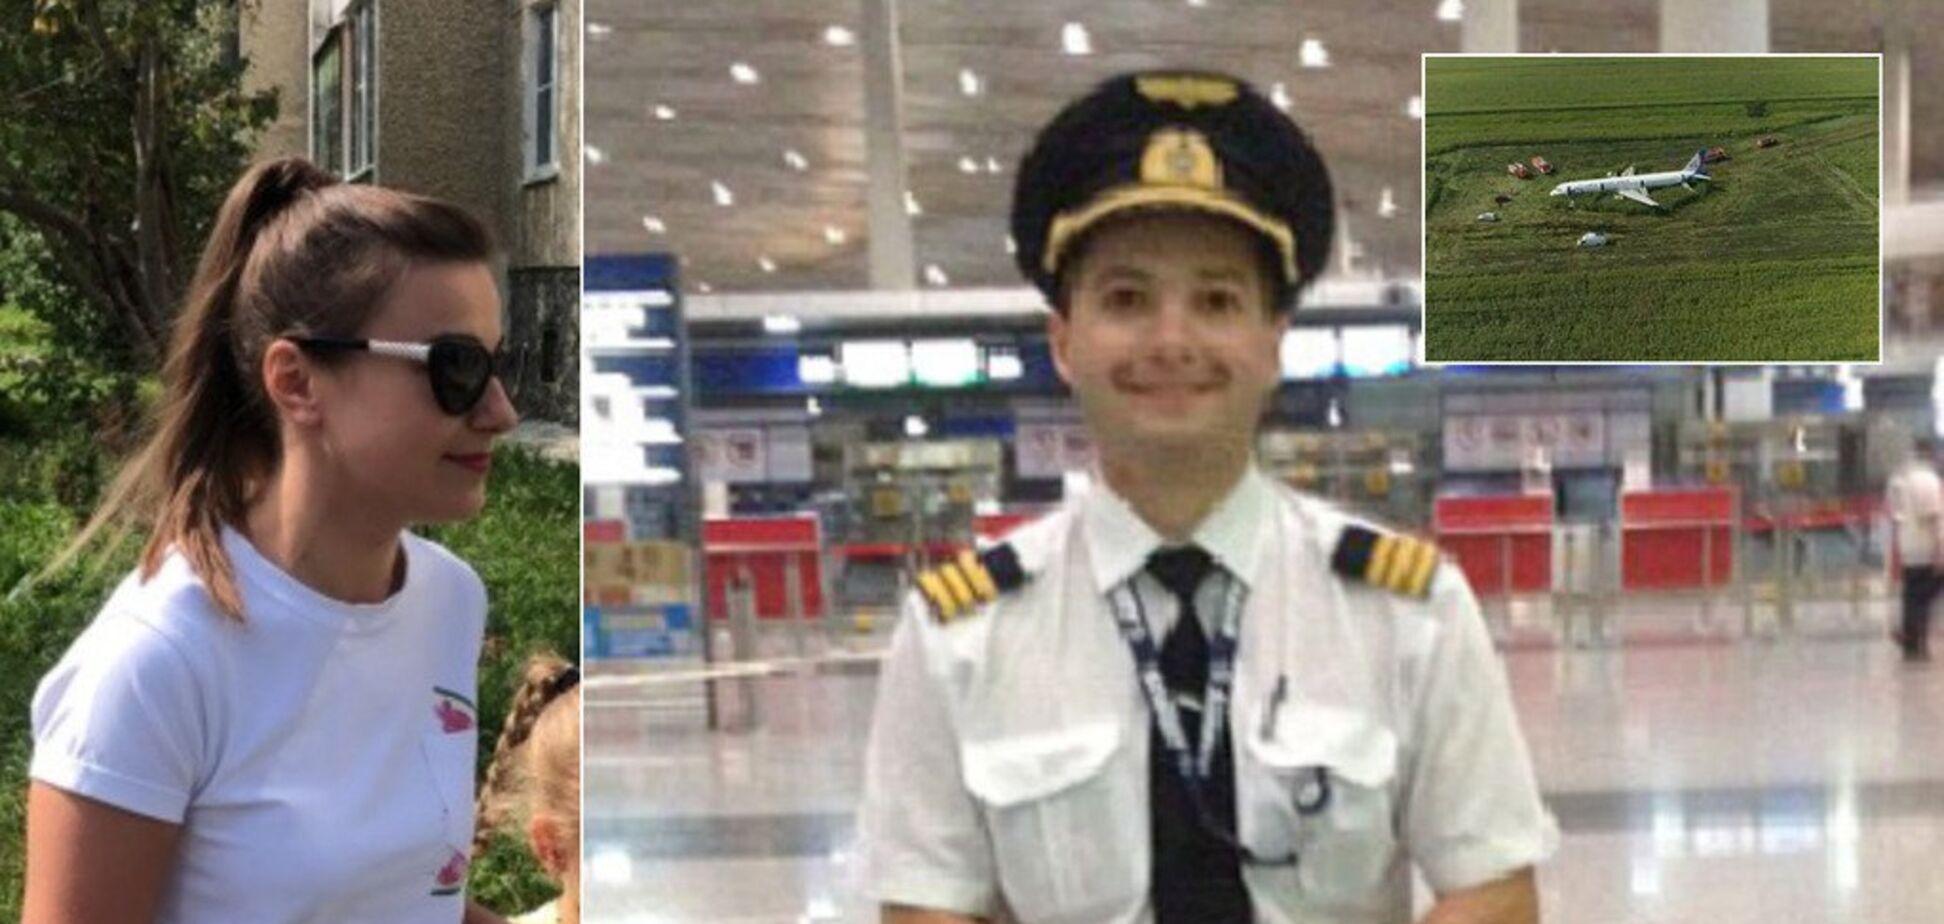 Пилот, спасший самолет в РФ, оказался героем невероятной любовной истории